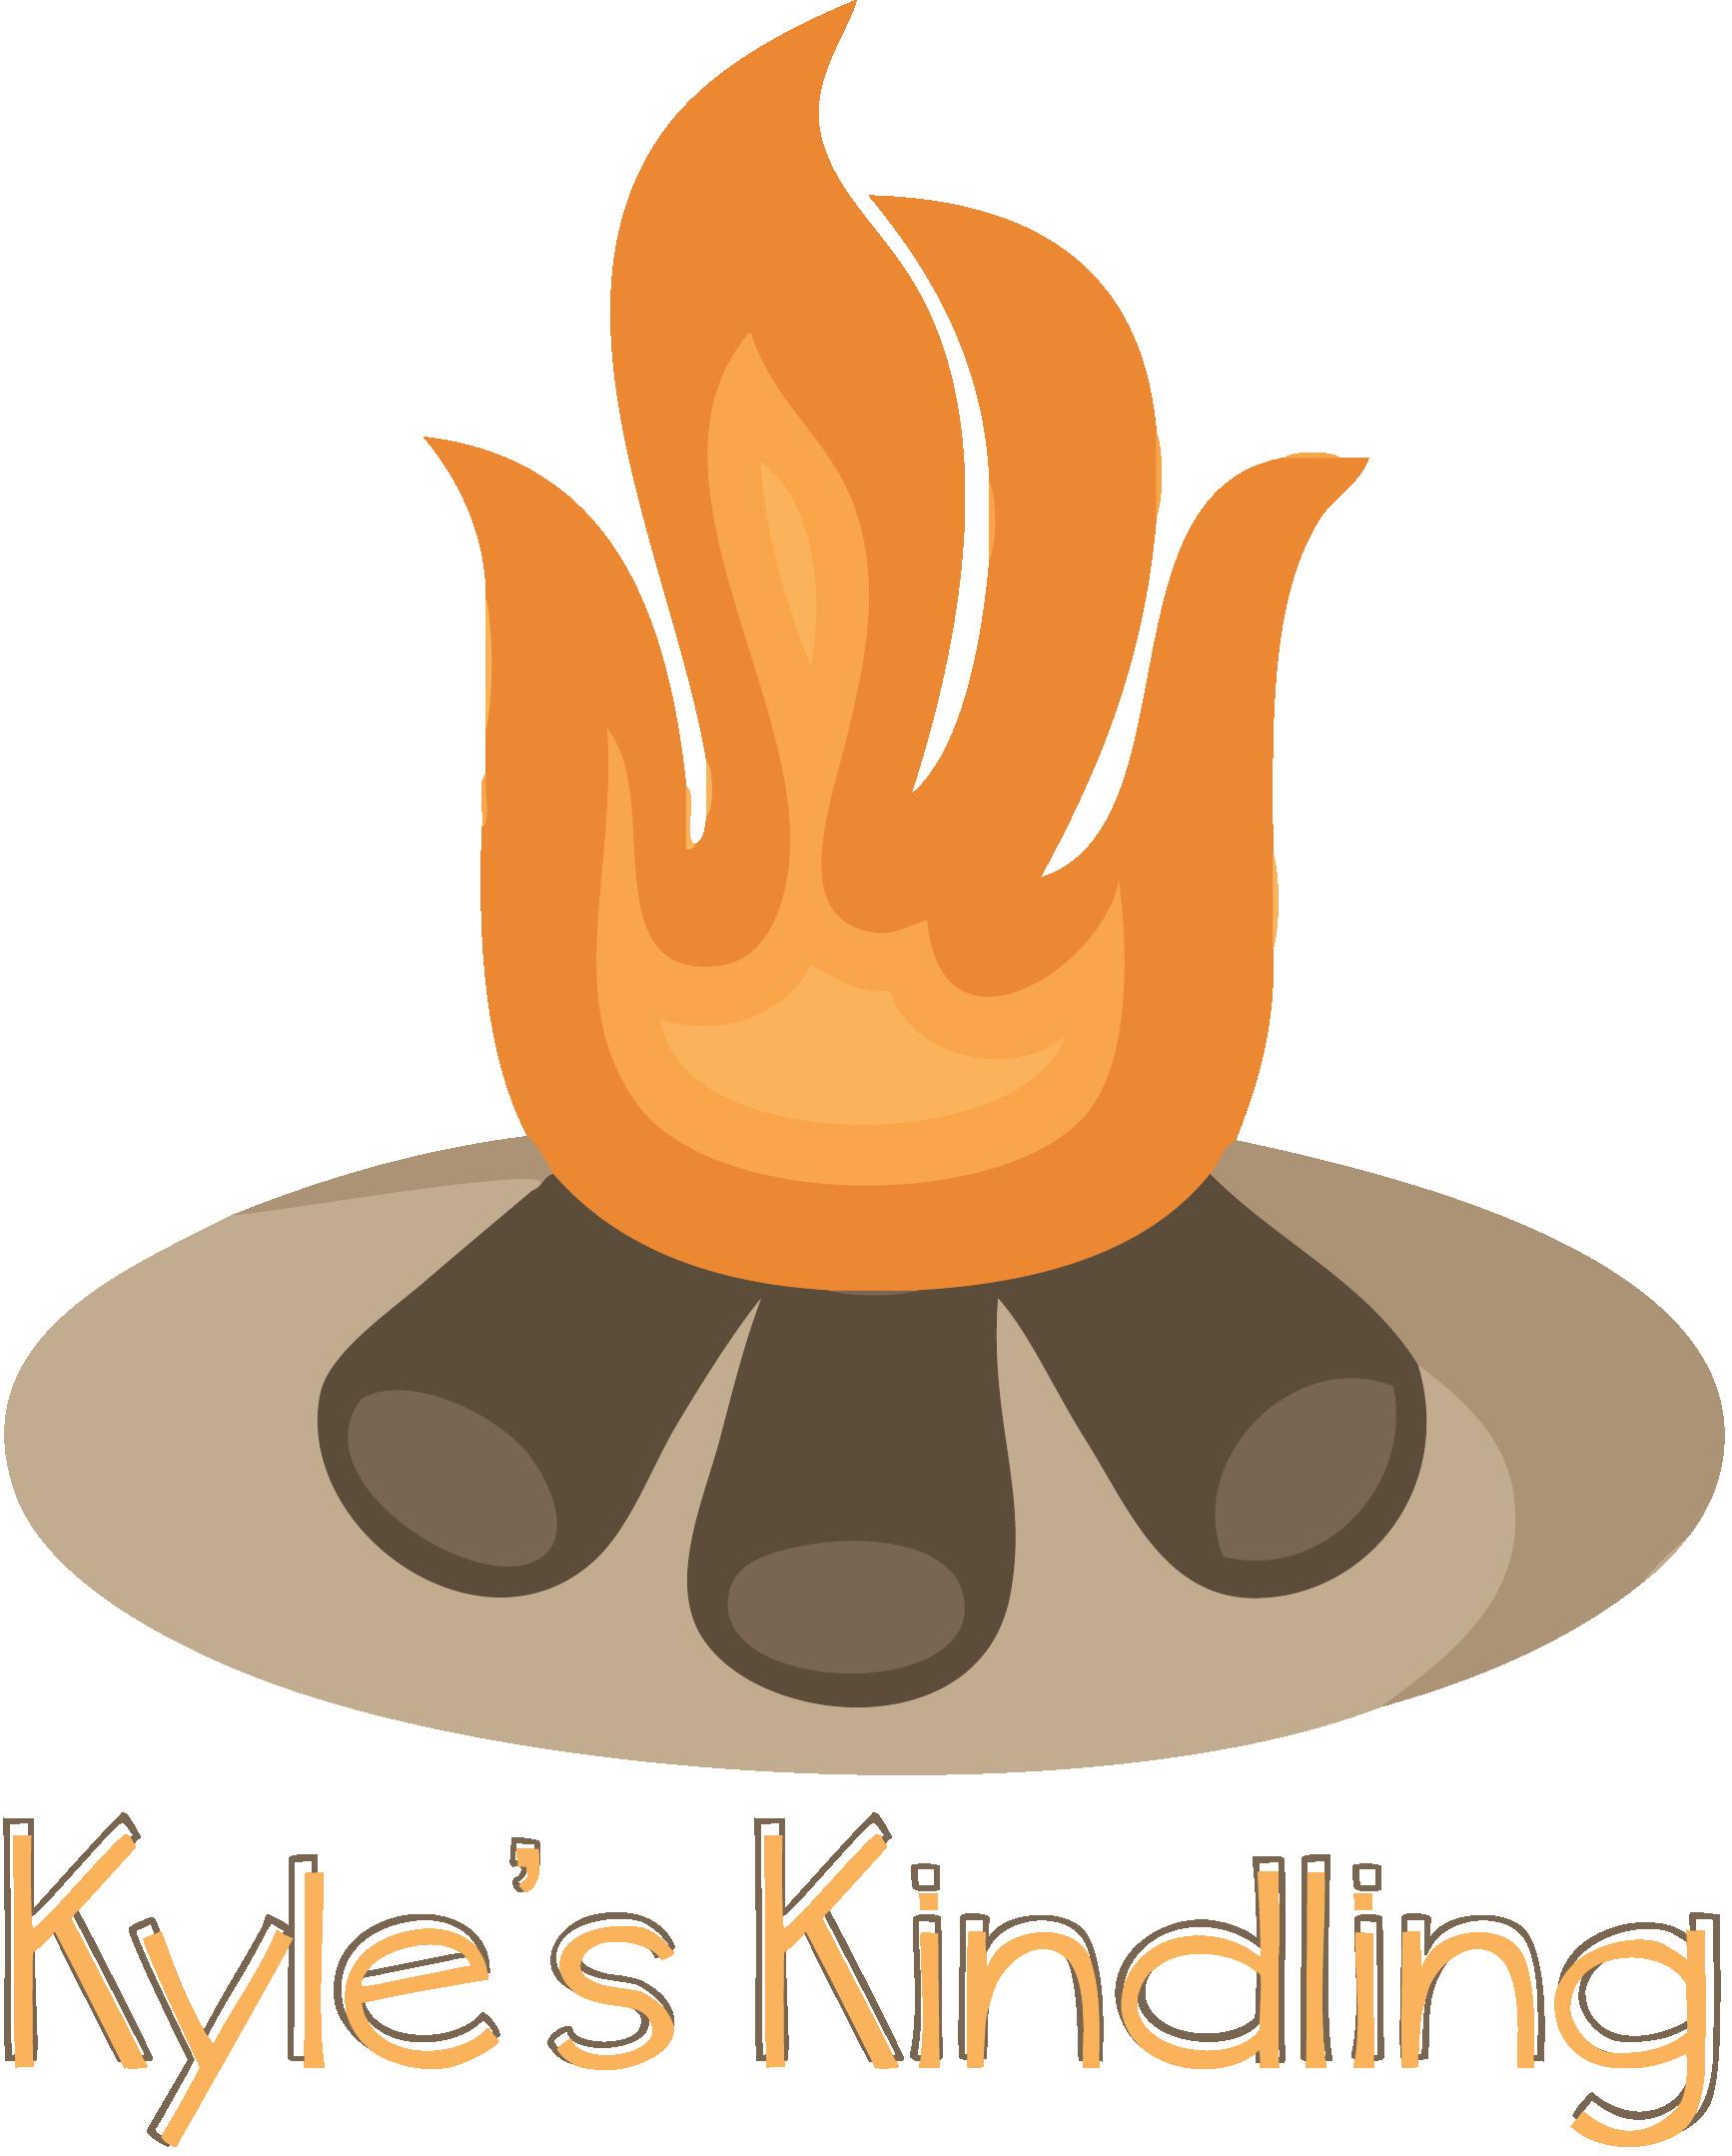 Kyle's Kindling